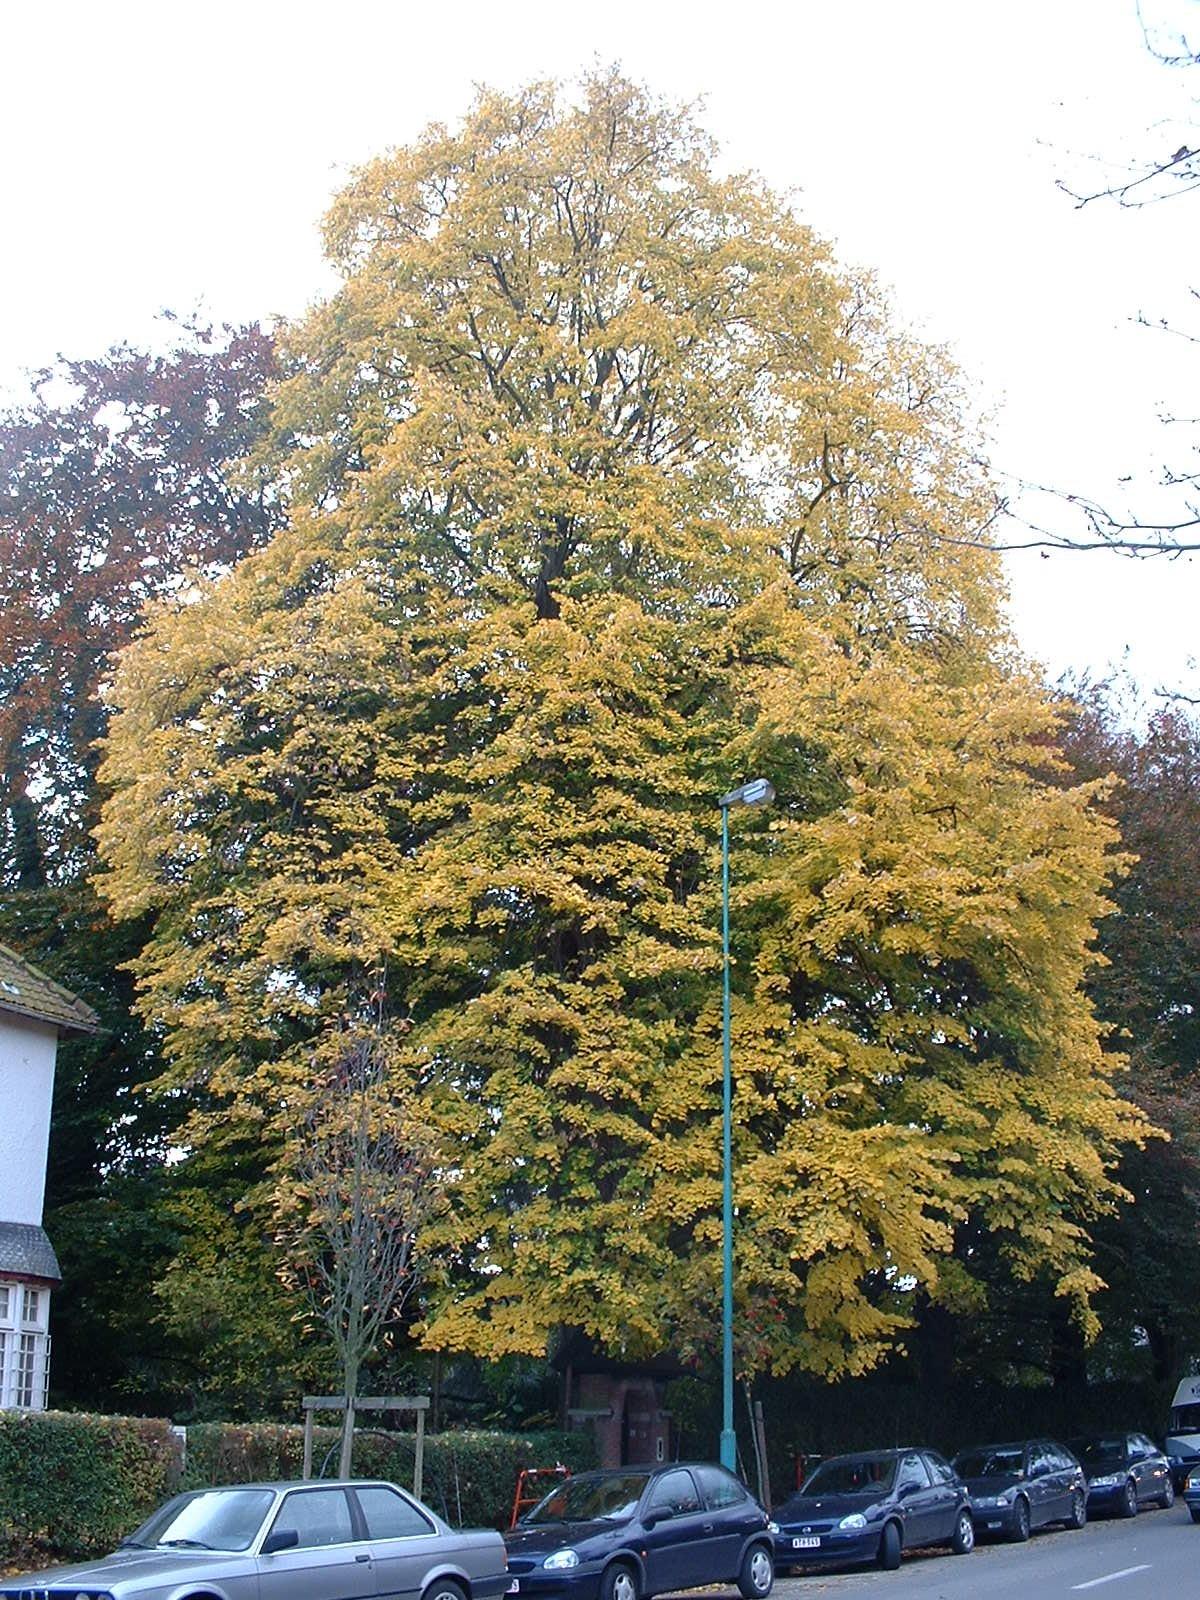 Tilleul argenté – Woluwé-Saint-Pierre, Avenue Grandchamp, 101 –  23 Octobre 2002